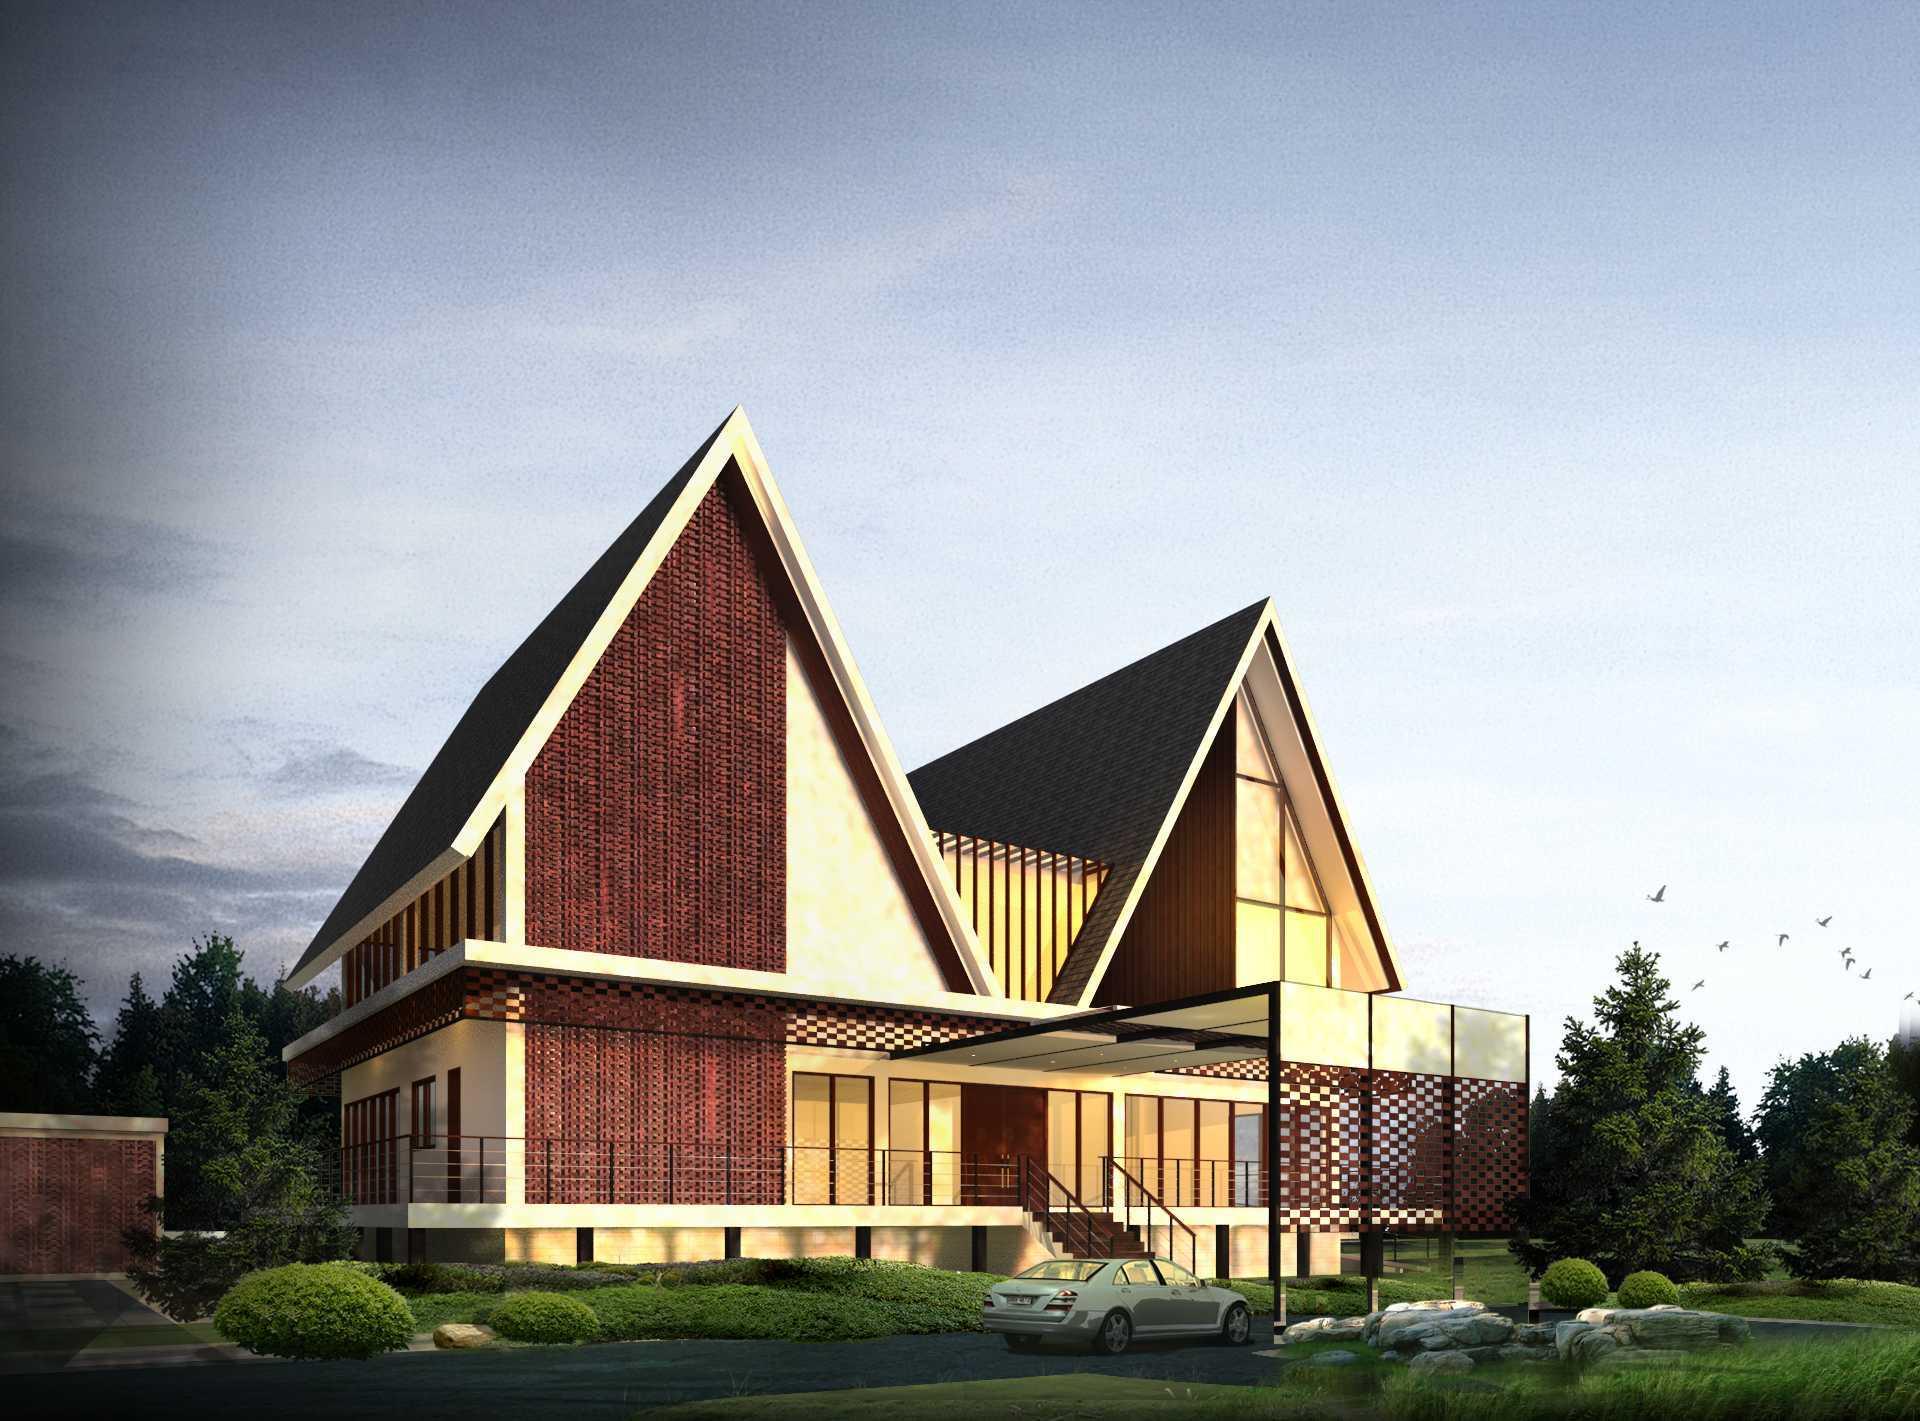 Alima Studio The Monogrid House Palembang, Kota Palembang, Sumatera Selatan, Indonesia Palembang, Kota Palembang, Sumatera Selatan, Indonesia Alima-Studio-The-Monogrid-House   57443